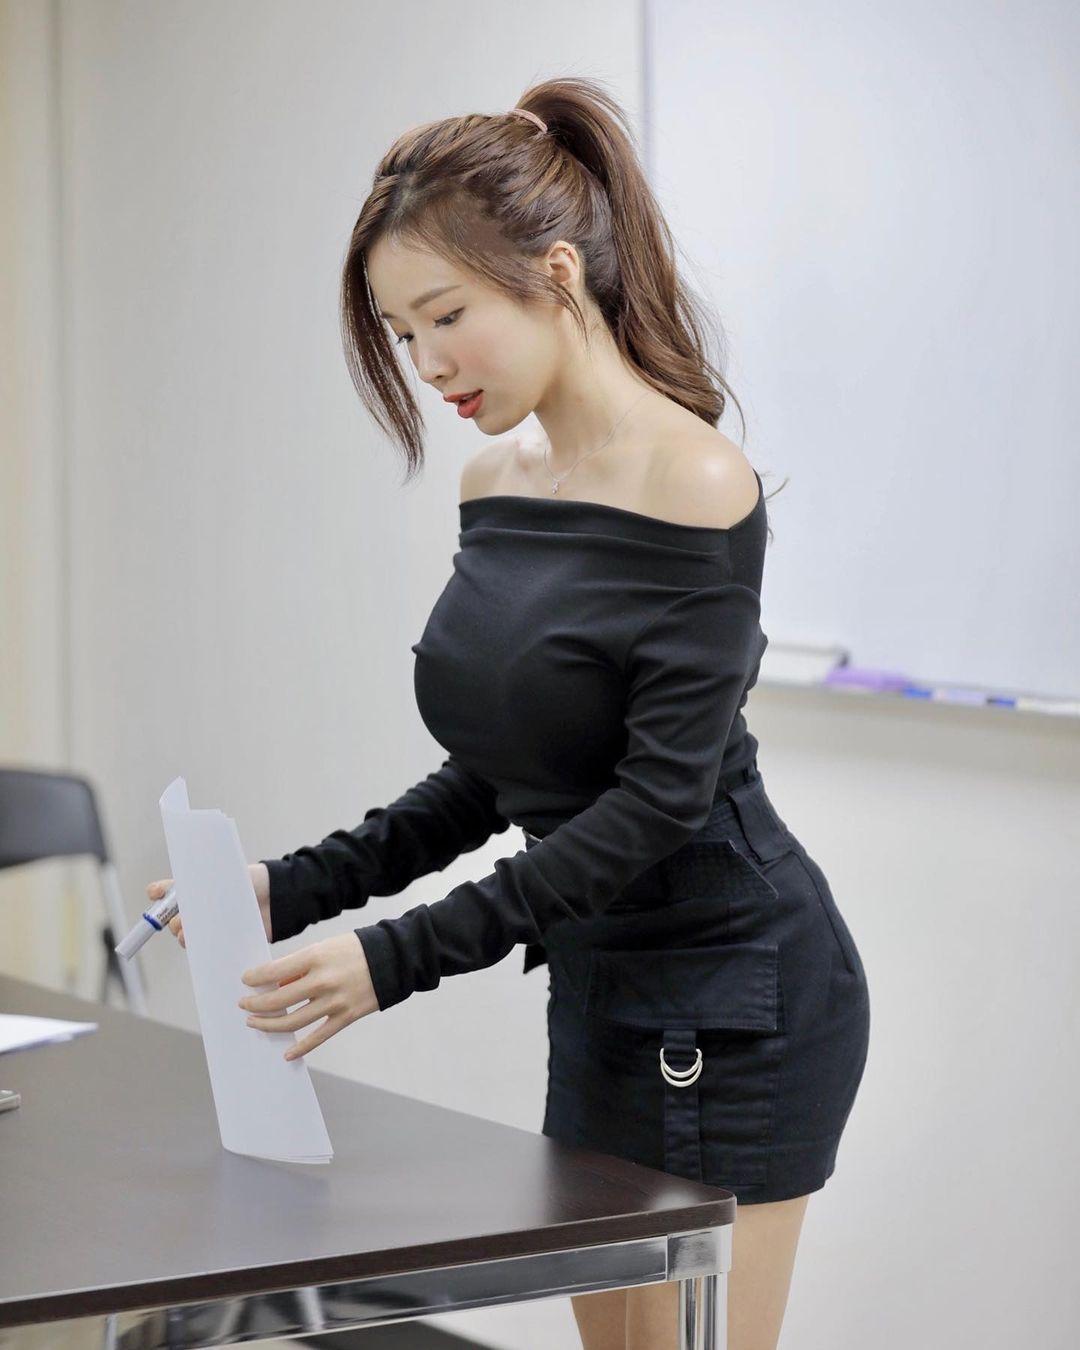 英文老师蓝星蕾身材太好穿迷你裙上课 吃瓜基地 第2张